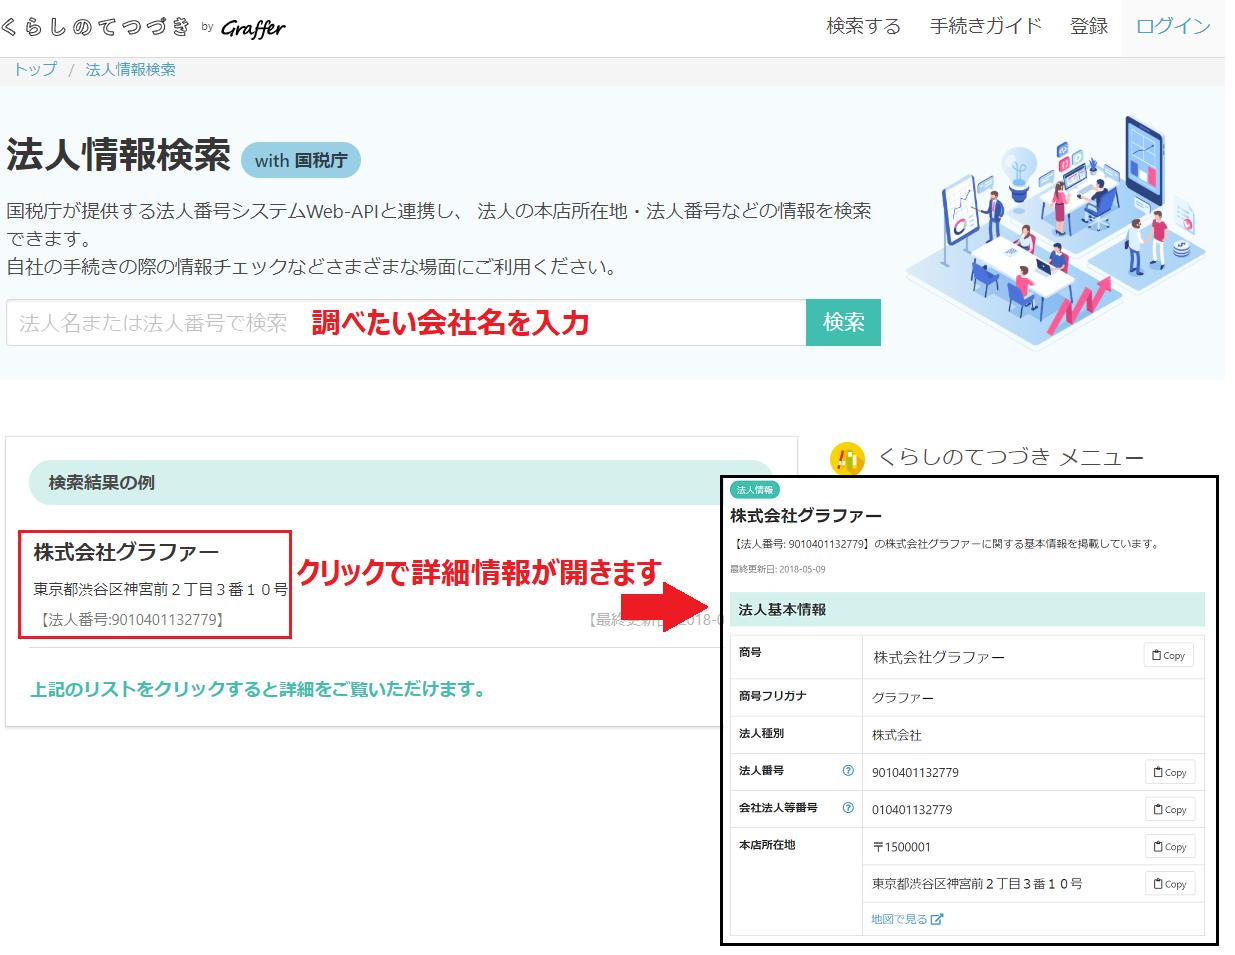 法人情報検索 with 国税庁(くらしのてつづき)